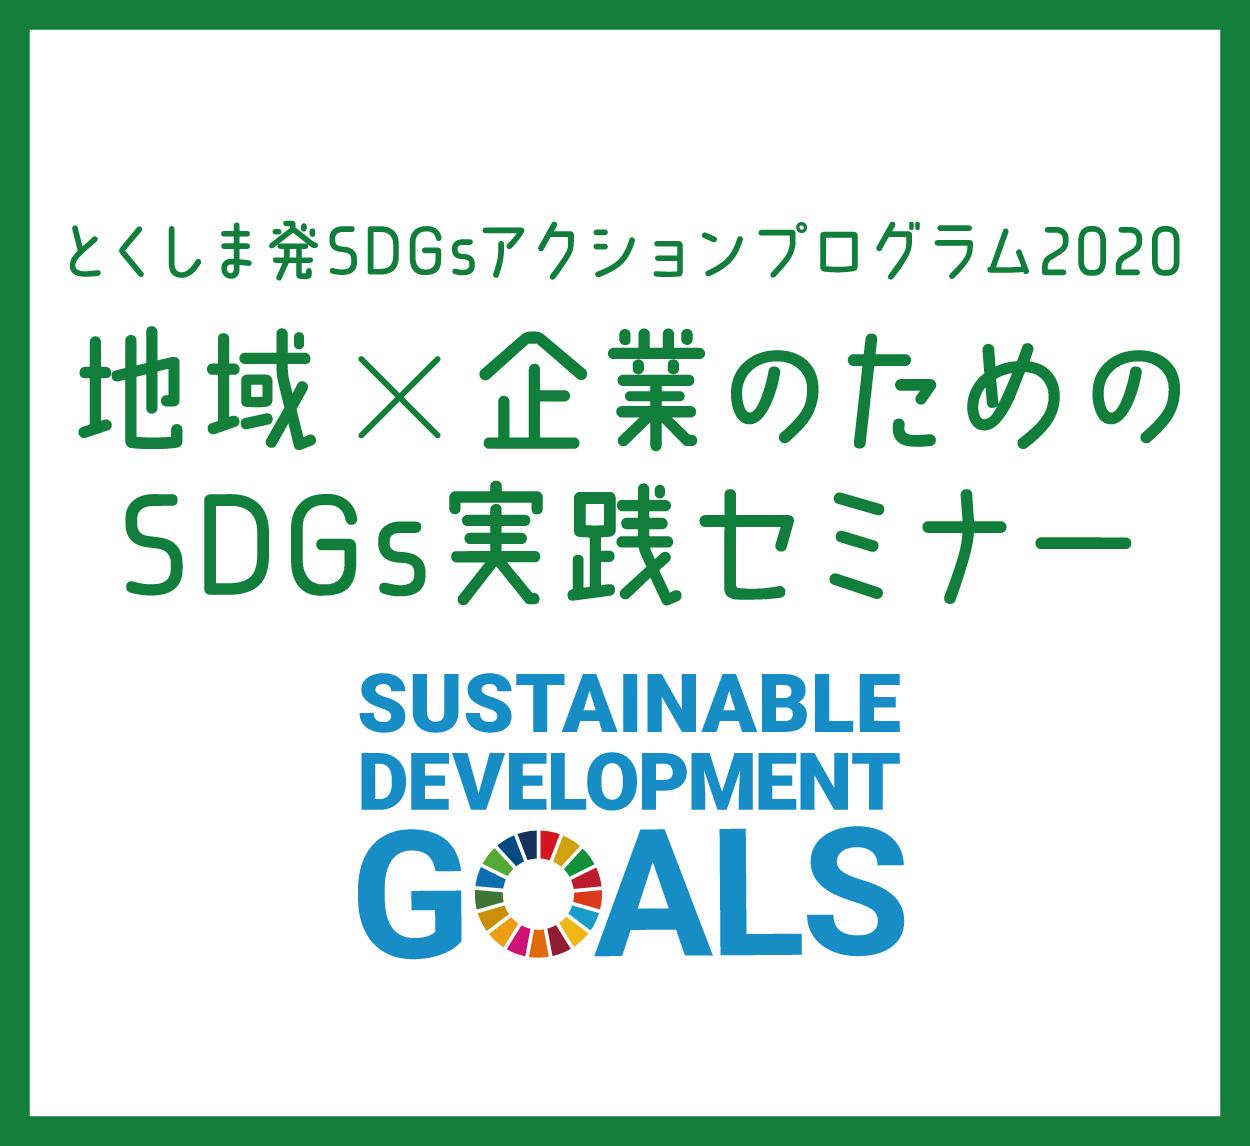 とくしま発SDGsアクションプログラム2020 地域×企業のためのSDGs実践セミナー